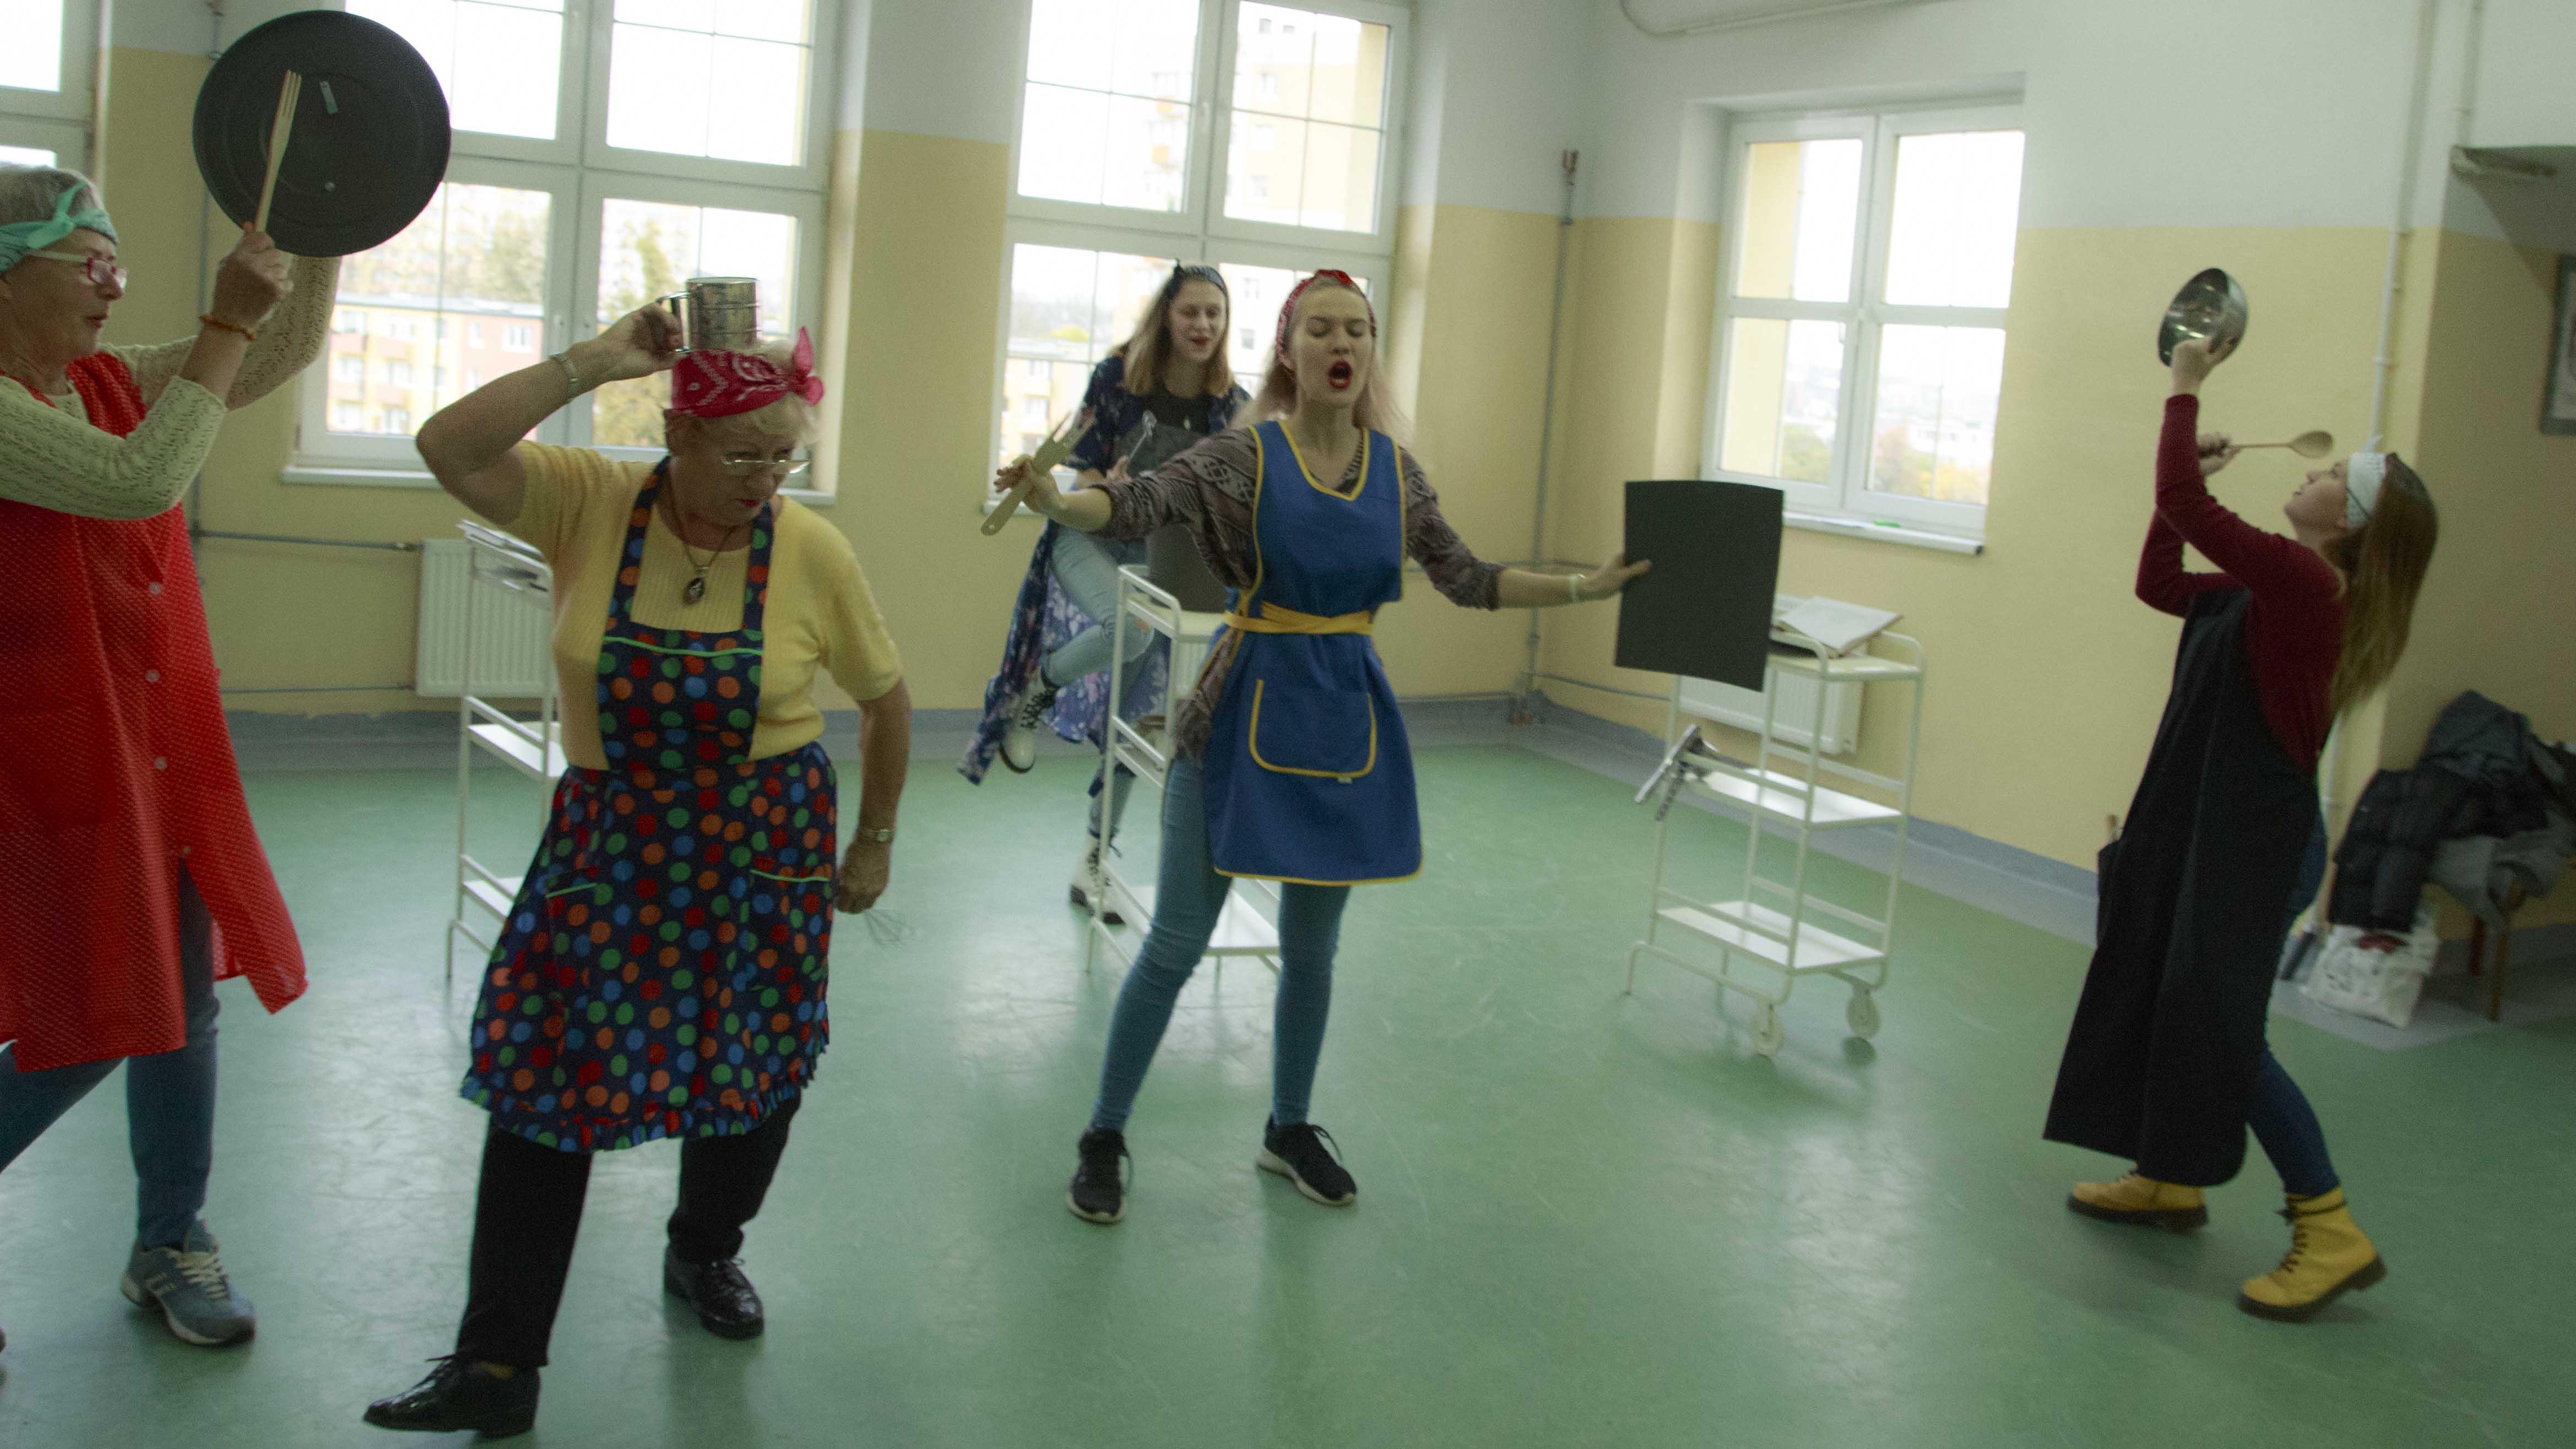 zdjęcie z projektu Dzwięczące wieżowce. Pięć aktorek w fartuchach kuchennych chodzi po sali i śpiewa.